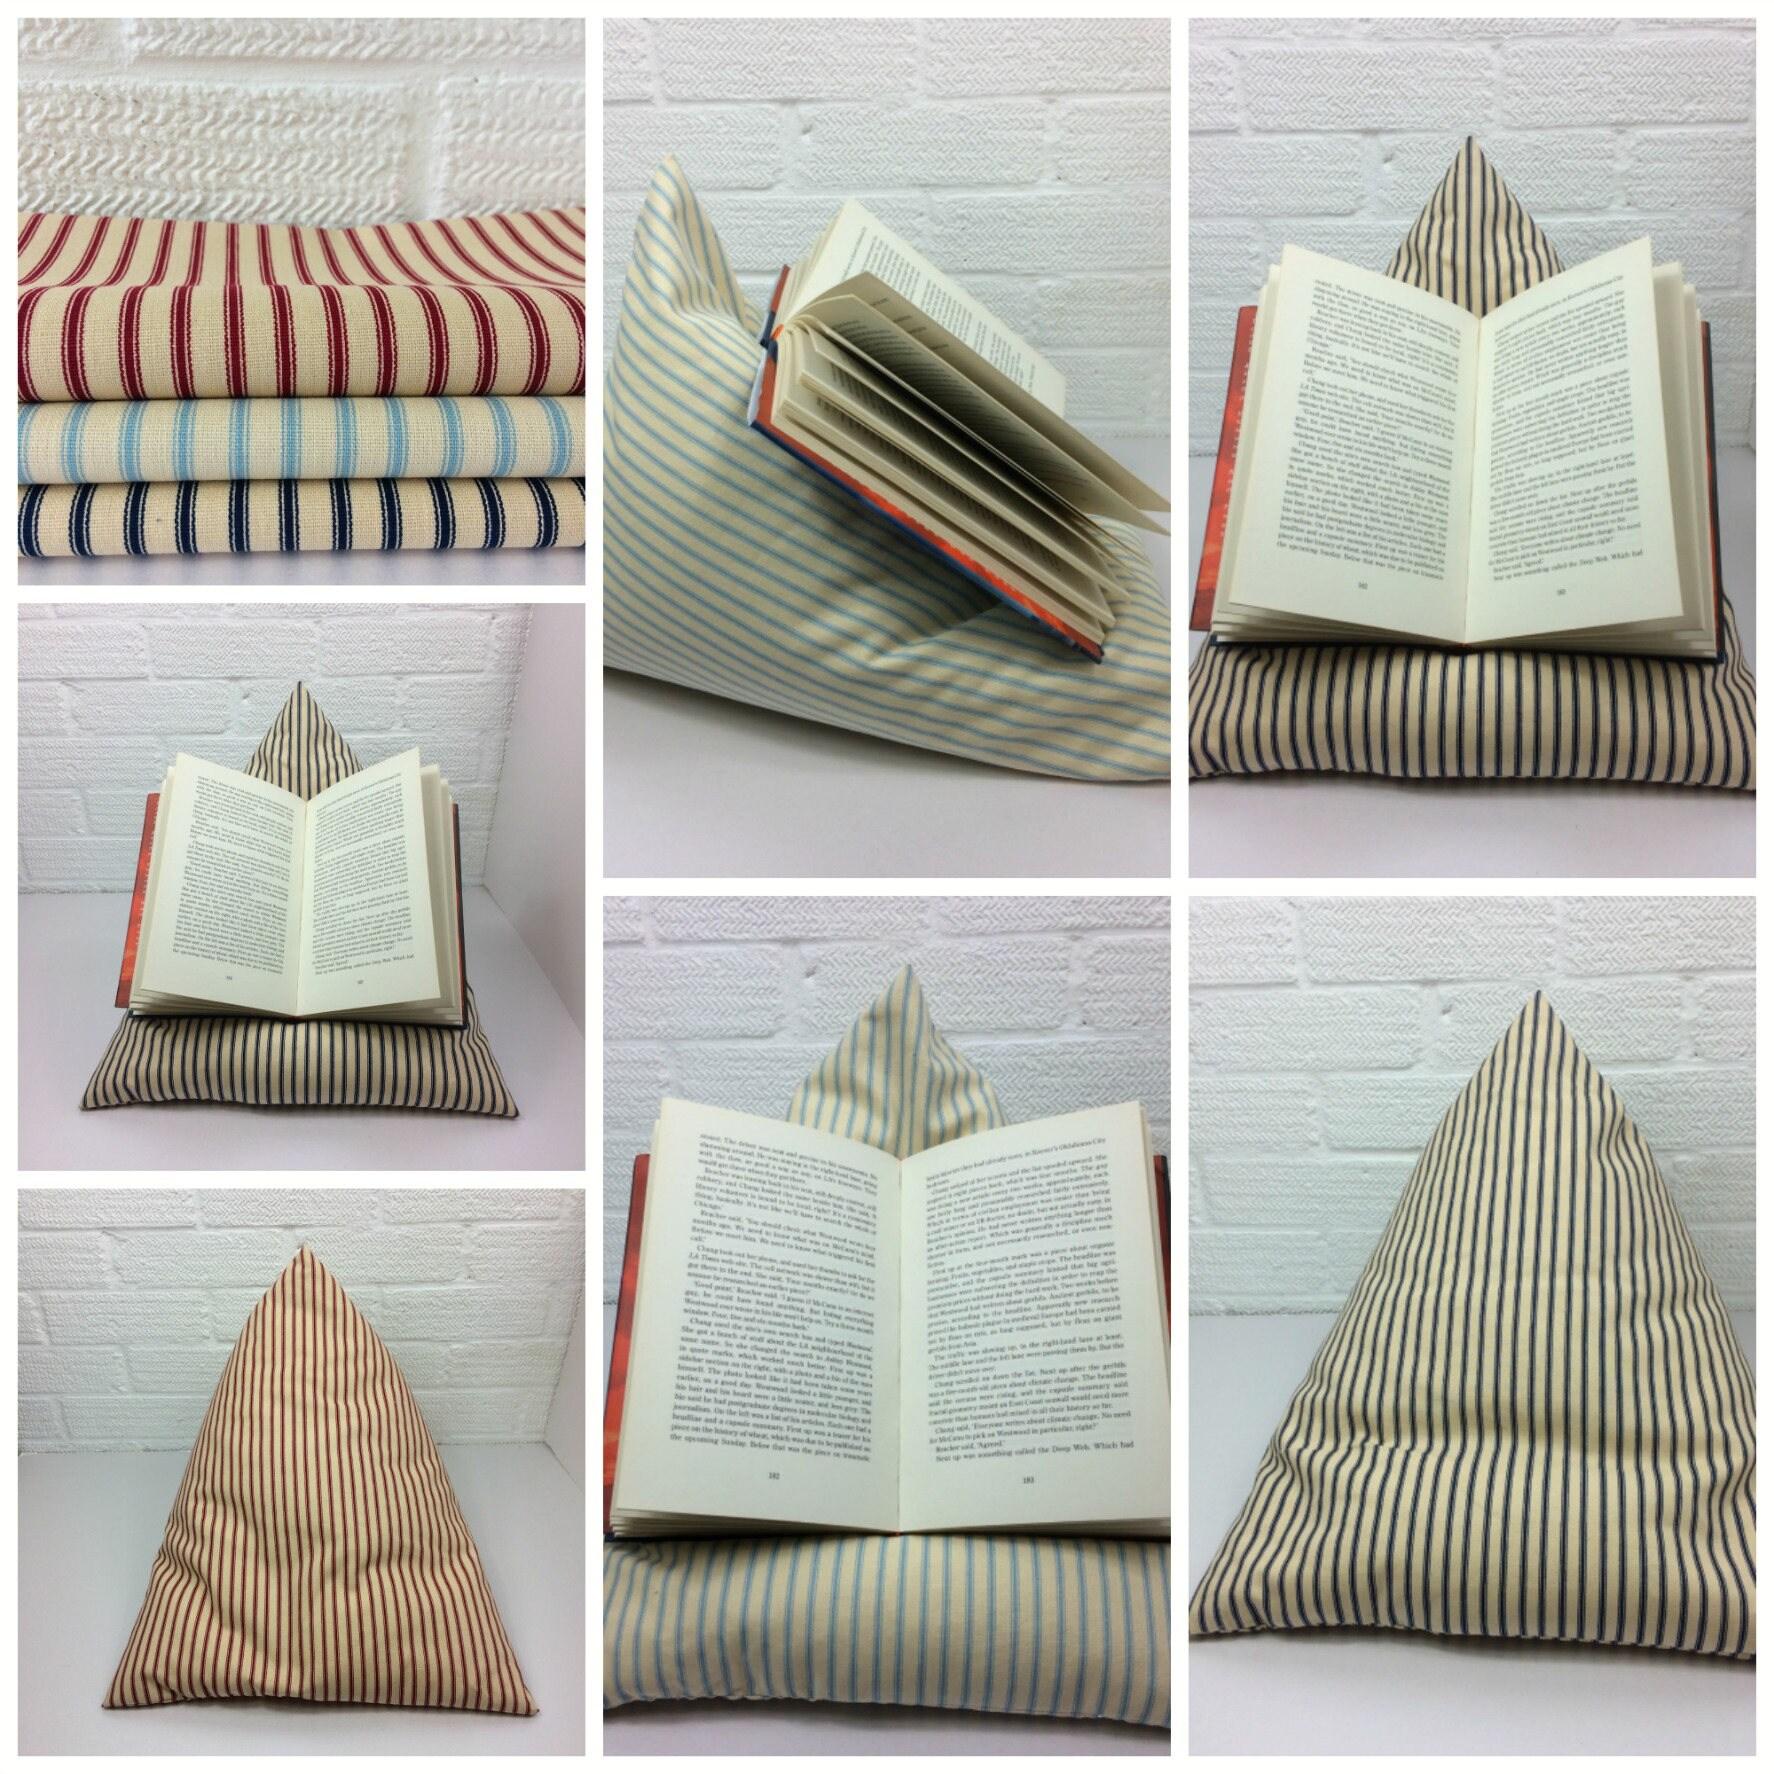 ipad book holder ipad pillow cushion ticking striped bean